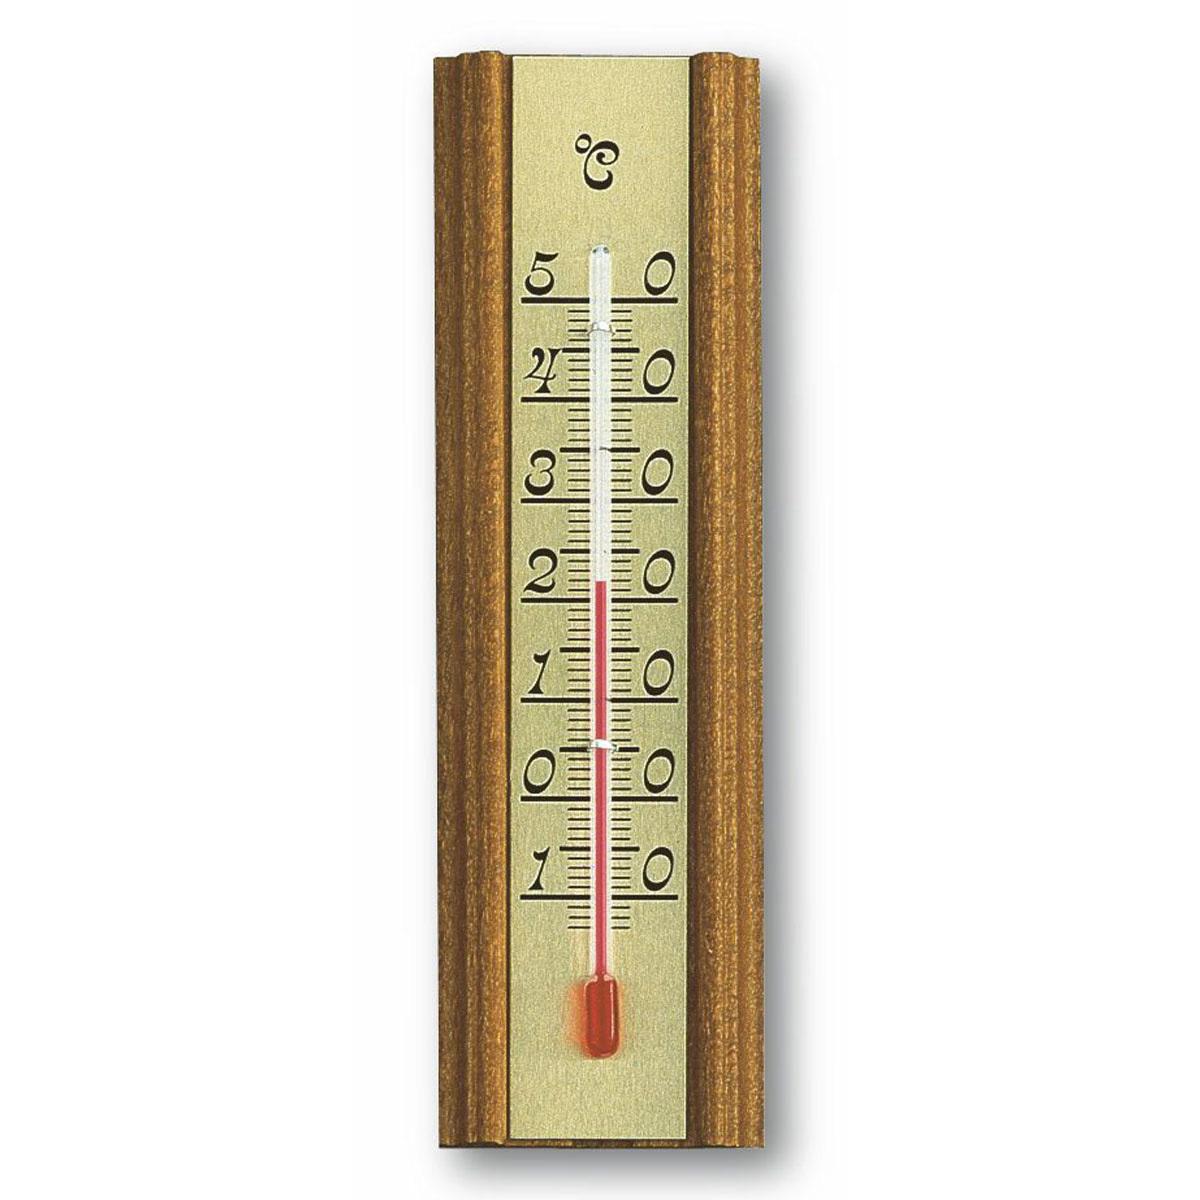 12-1014-analoges-innen-aussen-thermometer-eiche-1200x1200px.jpg